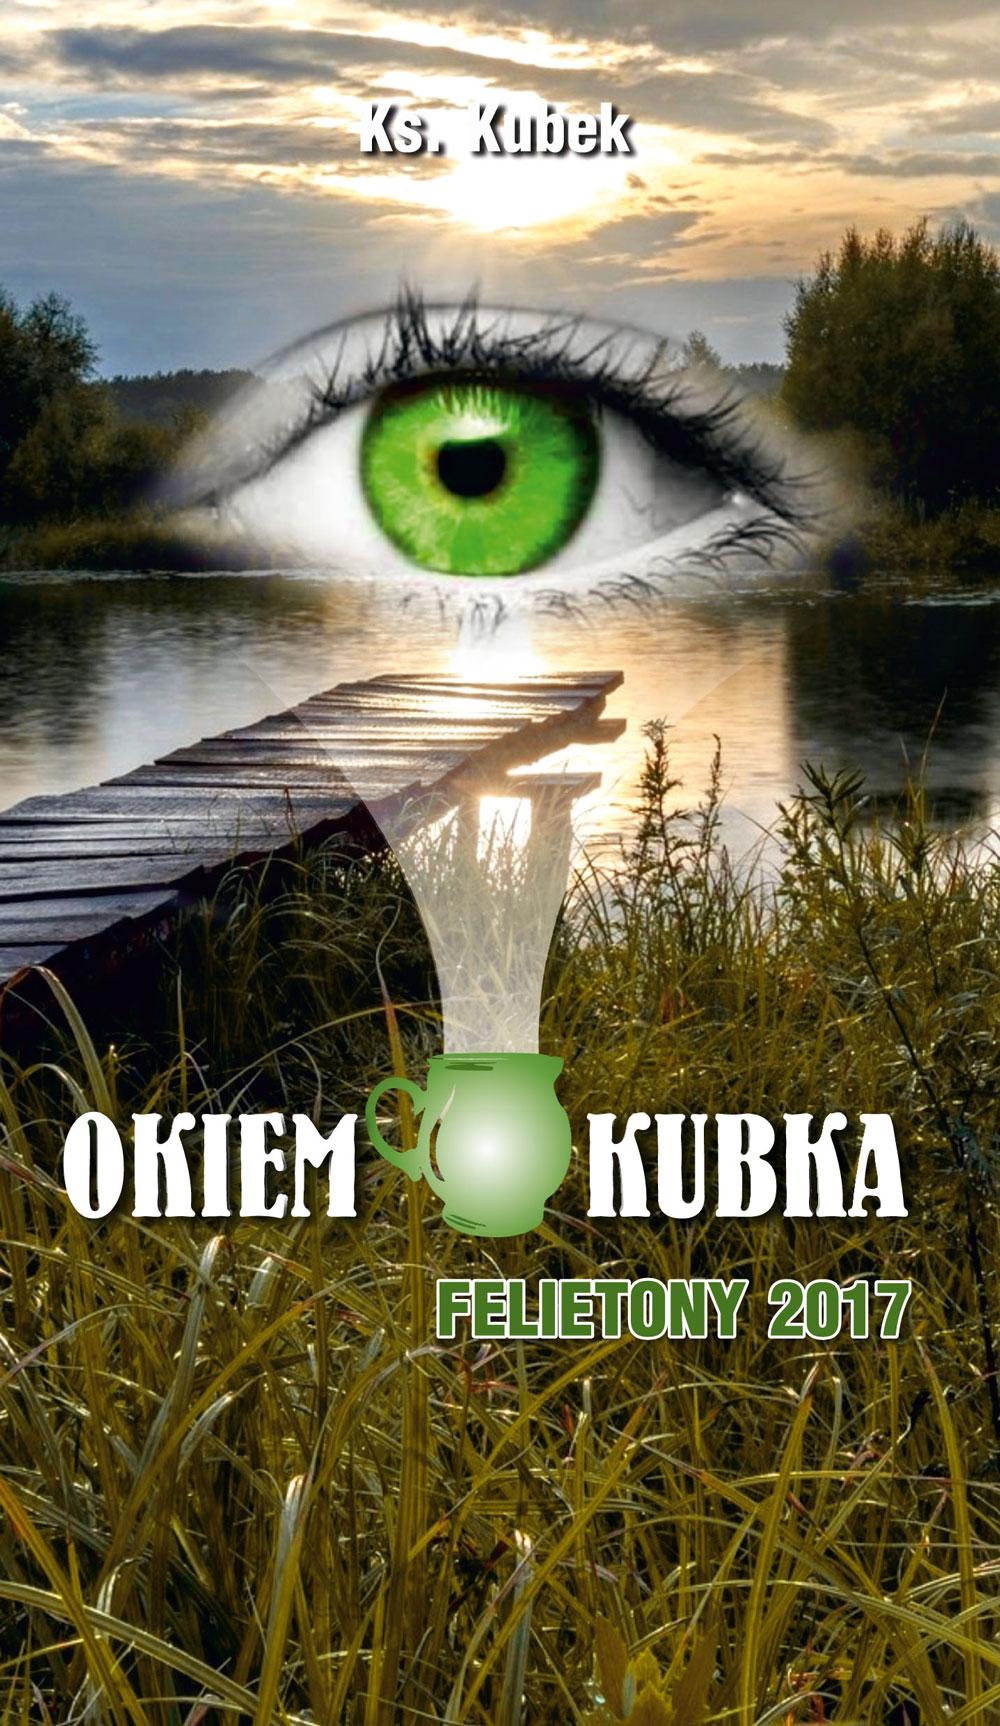 Okiem Kubka. Felietony 2017